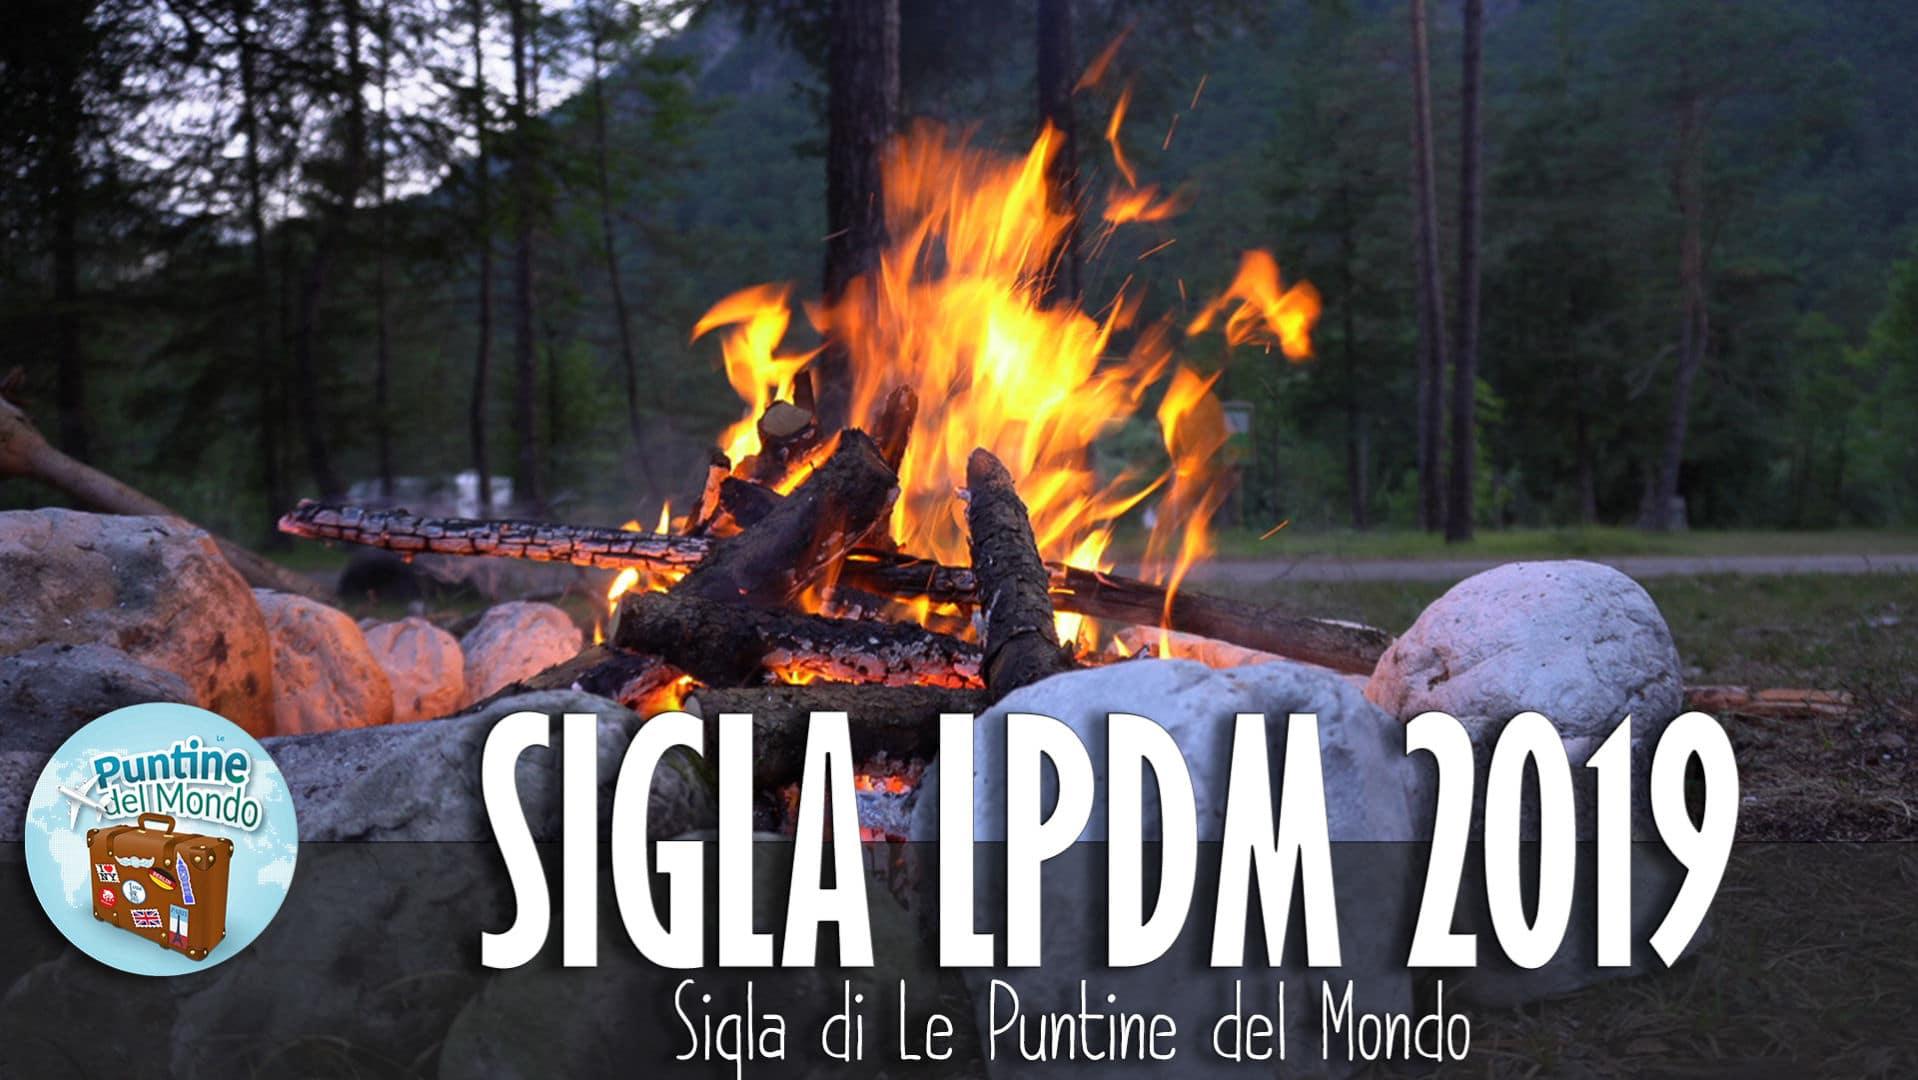 Sigla audio MP3 canzone le Puntine del Mondo 2019 LPDM